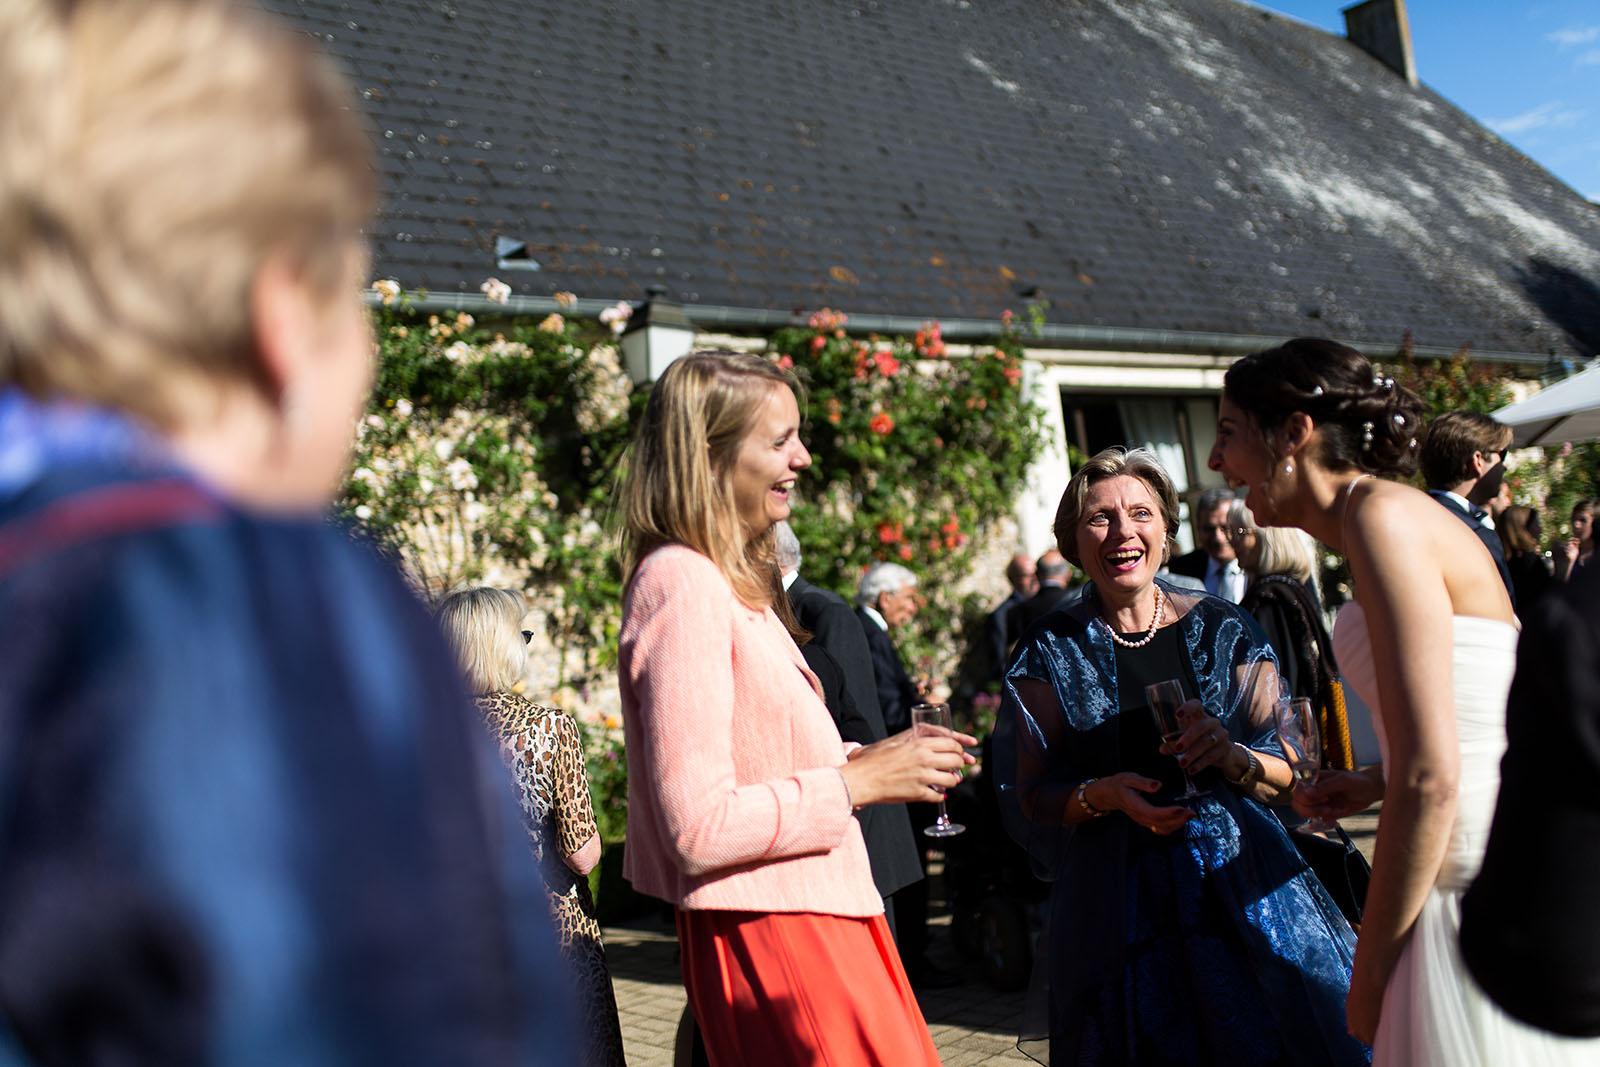 Mariage au Manoir de Corny en Normandie. Eclats de rire au vin d'honneur